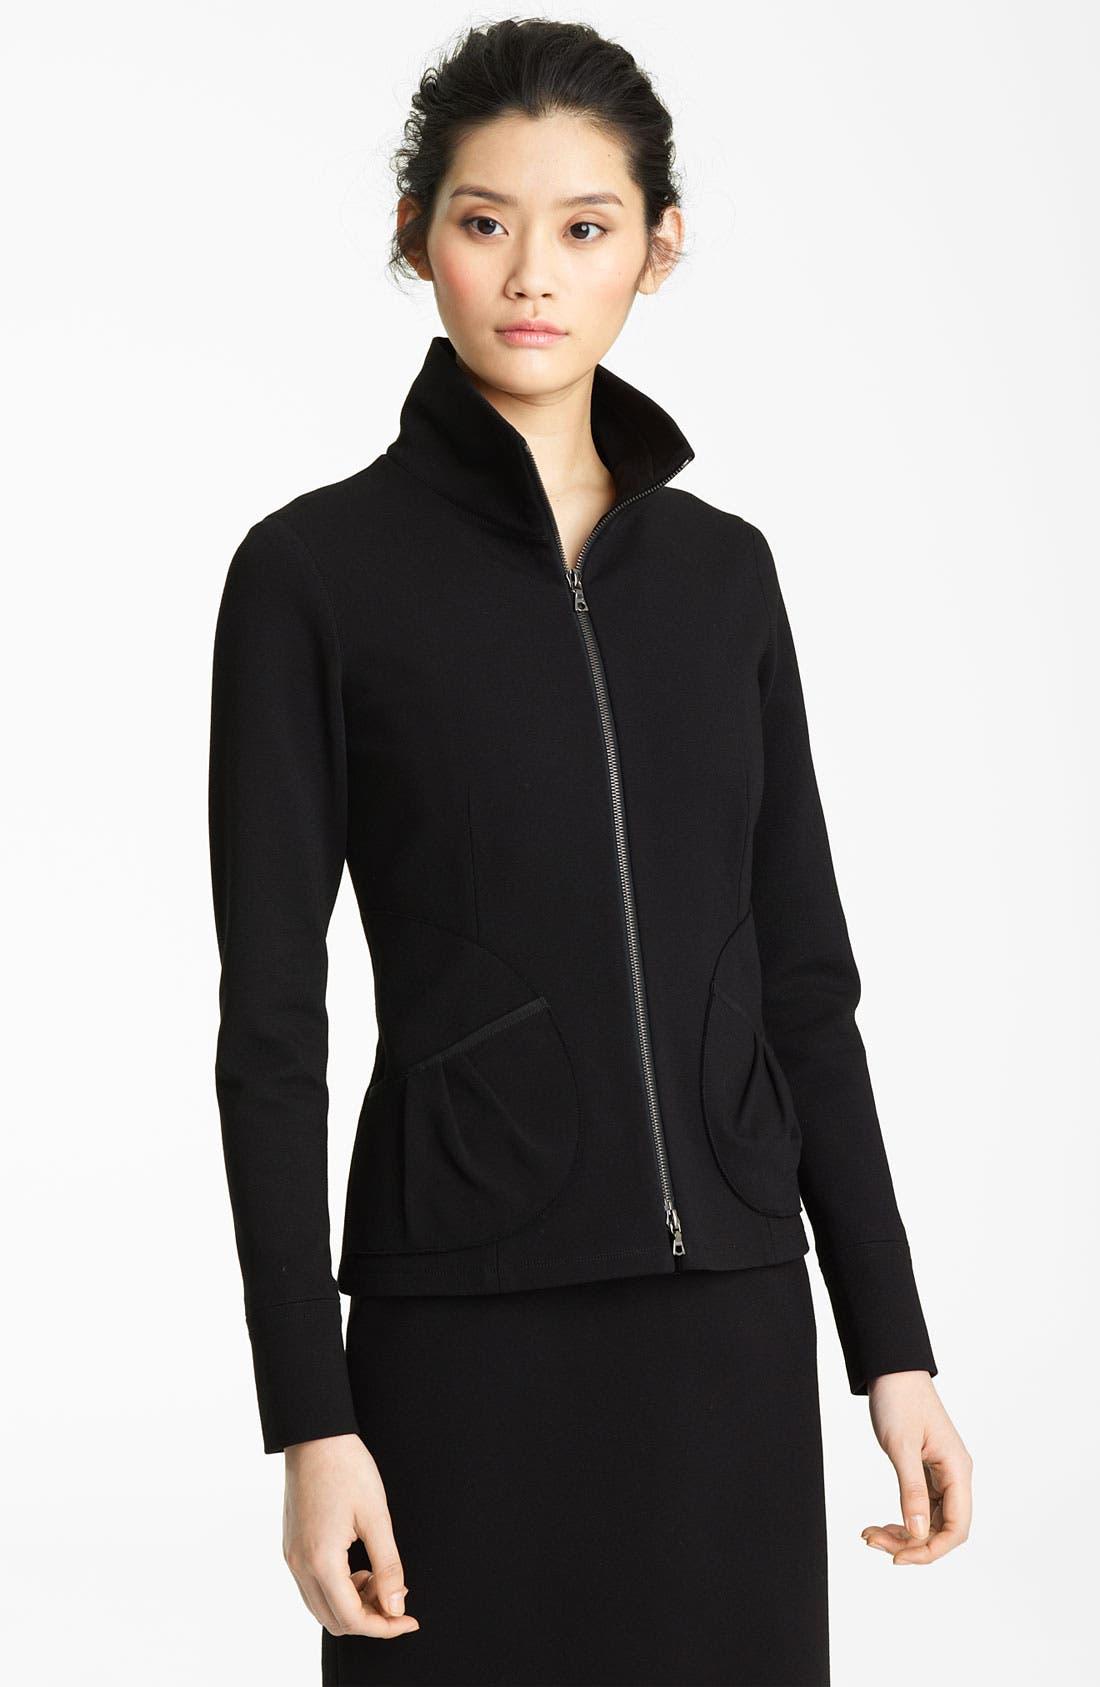 Alternate Image 1 Selected - Lida Baday Knit Jacket